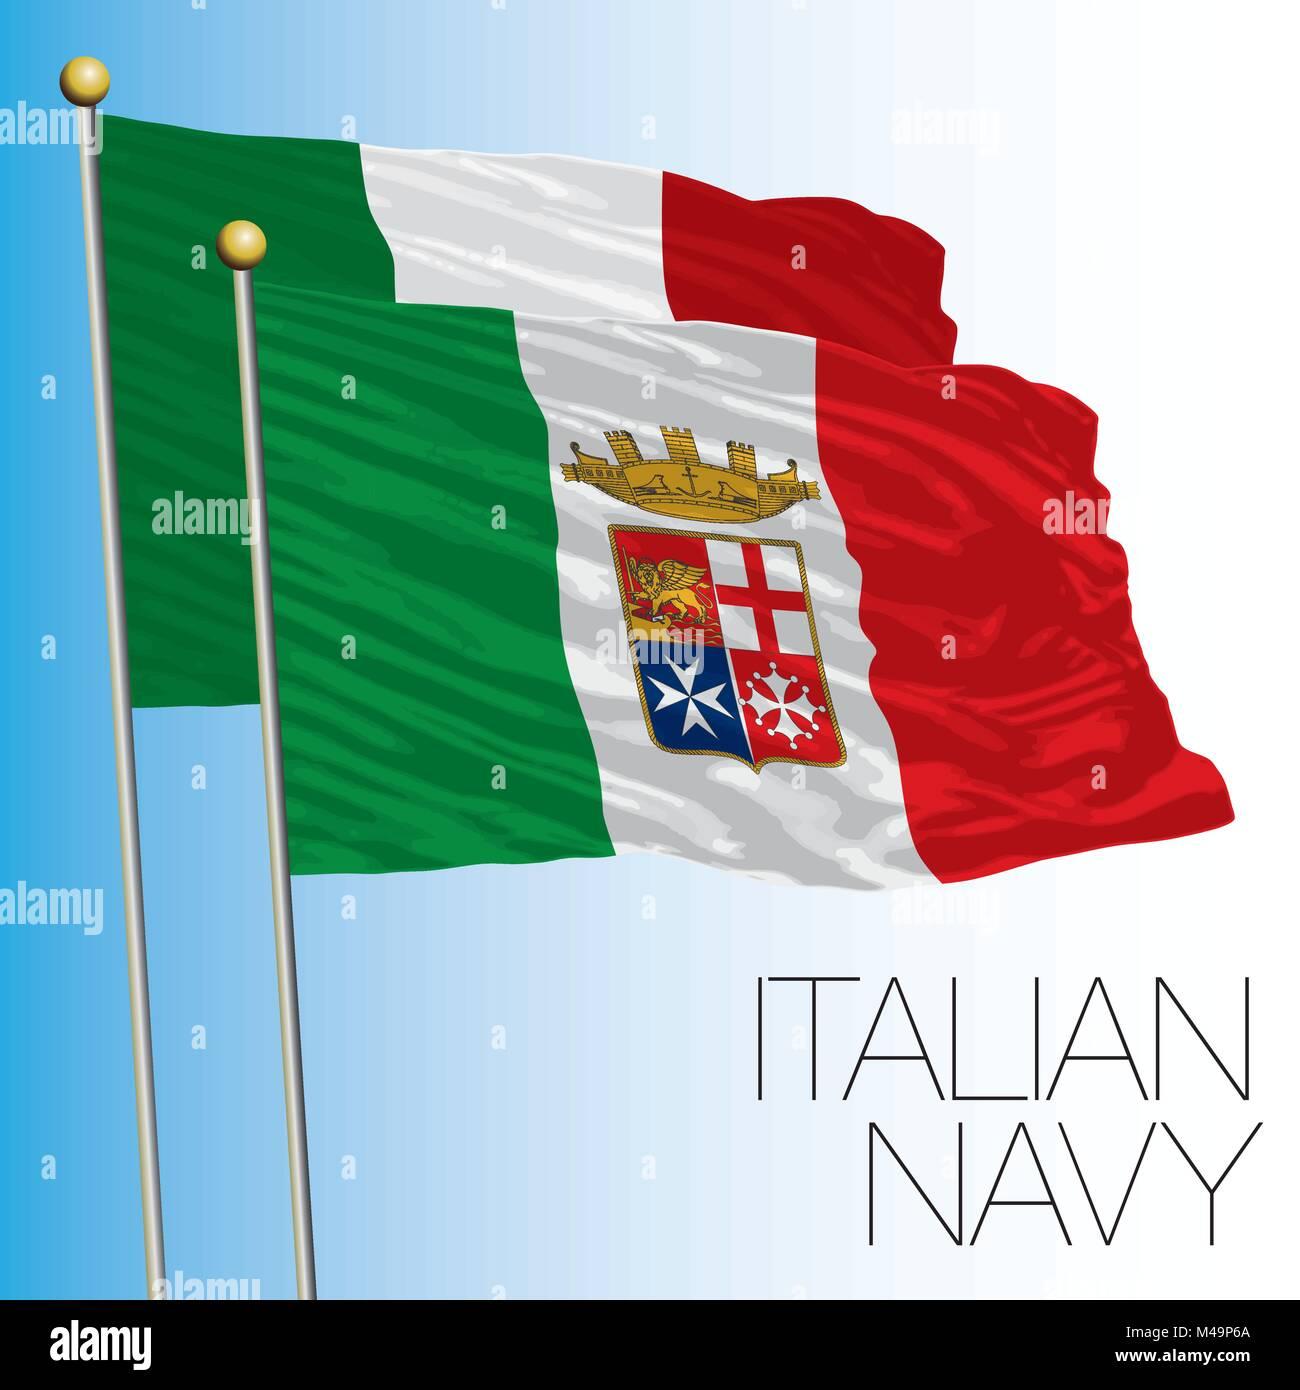 Marina Militare Italiana bandiera, Marina Militare, Italia Illustrazione Vettoriale